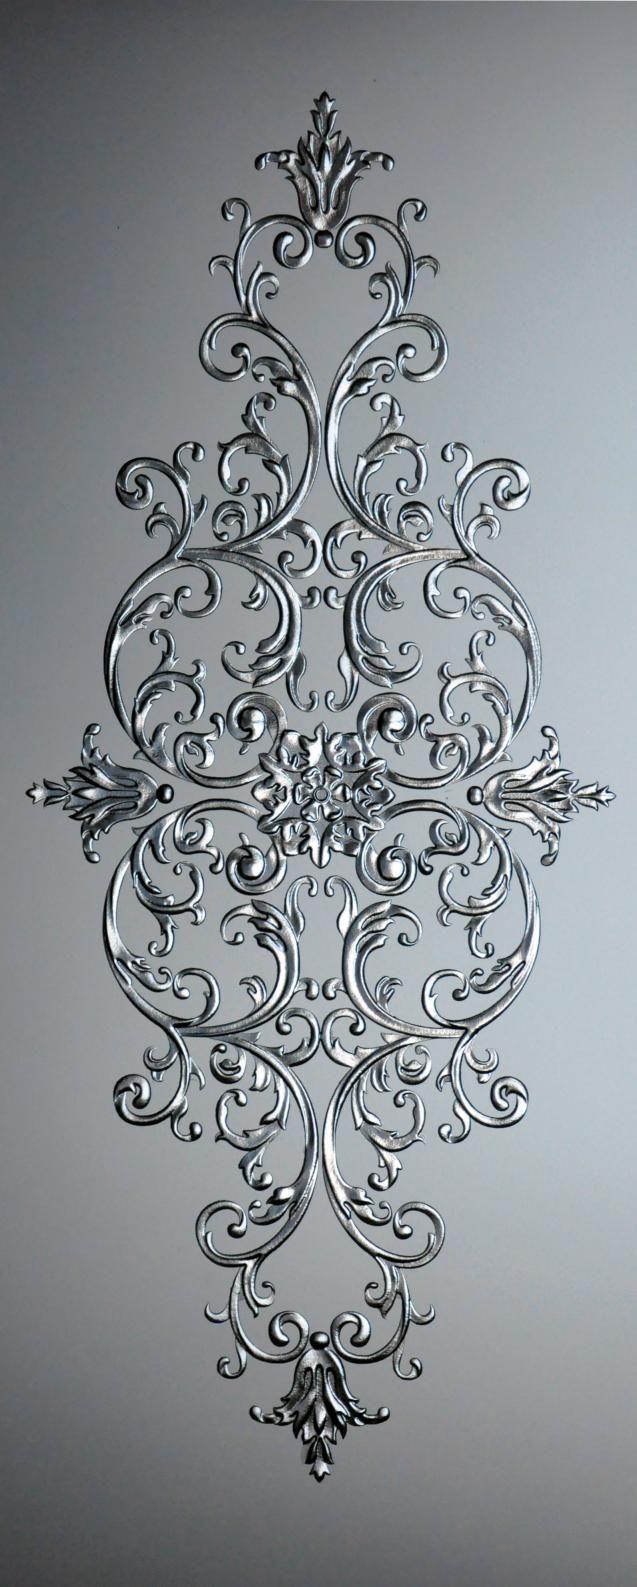 Многоплановая пескоструйная гравировка с лаковым покрытием – изготовление витражей   Студия художественного стекла Алексея Жогина